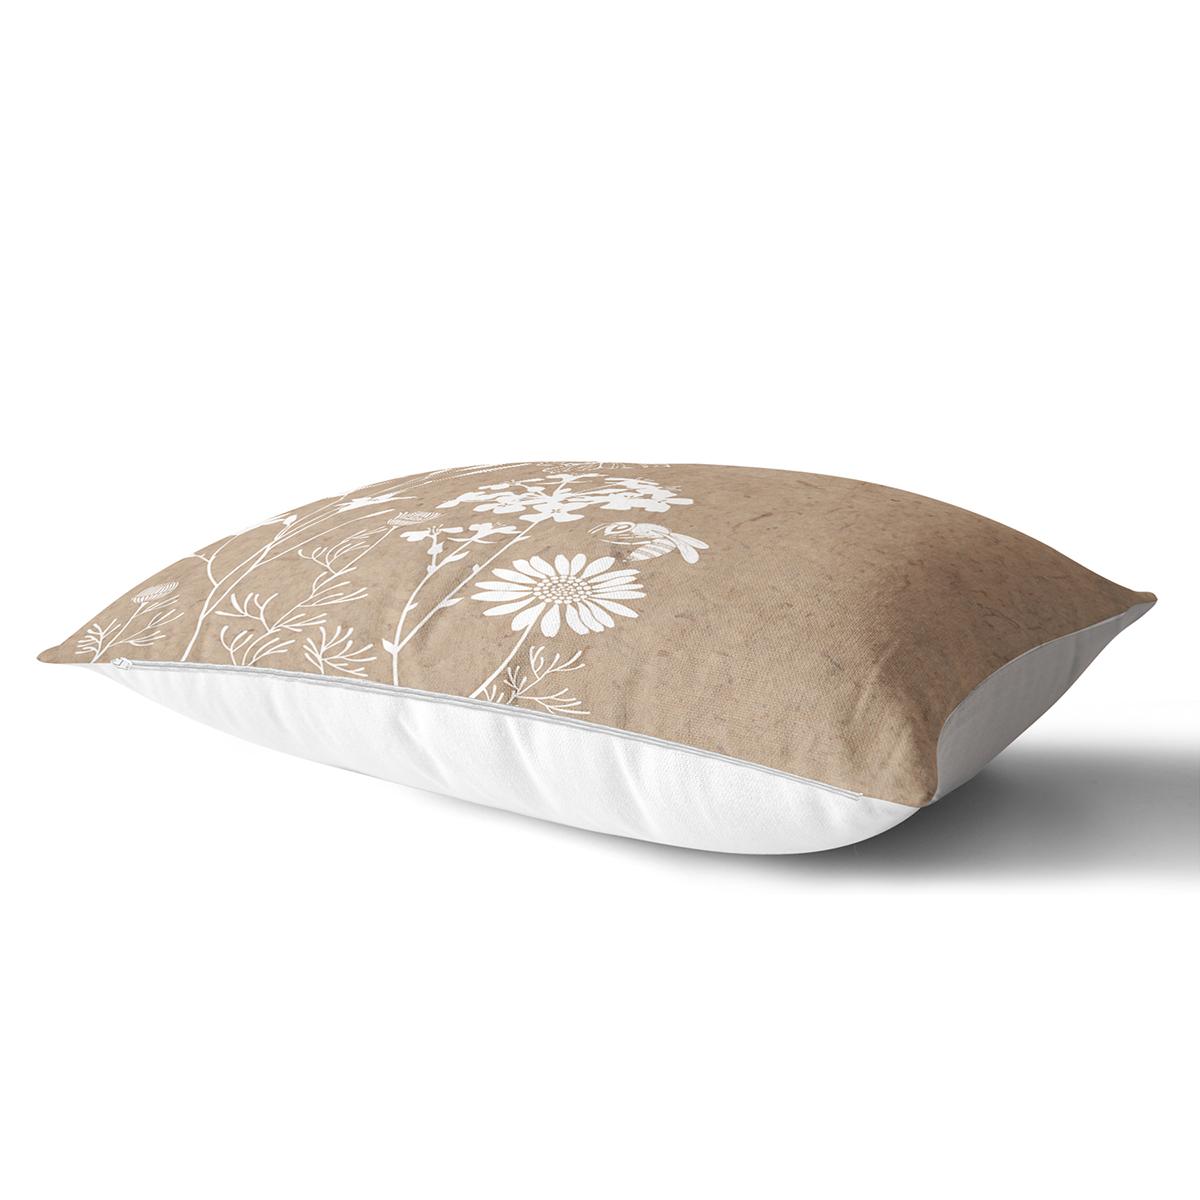 Renkli Zemin Üzerinde Beyaz Çiçek Desenli Dikdörtgen Yastık Kırlent Kılıfı Realhomes